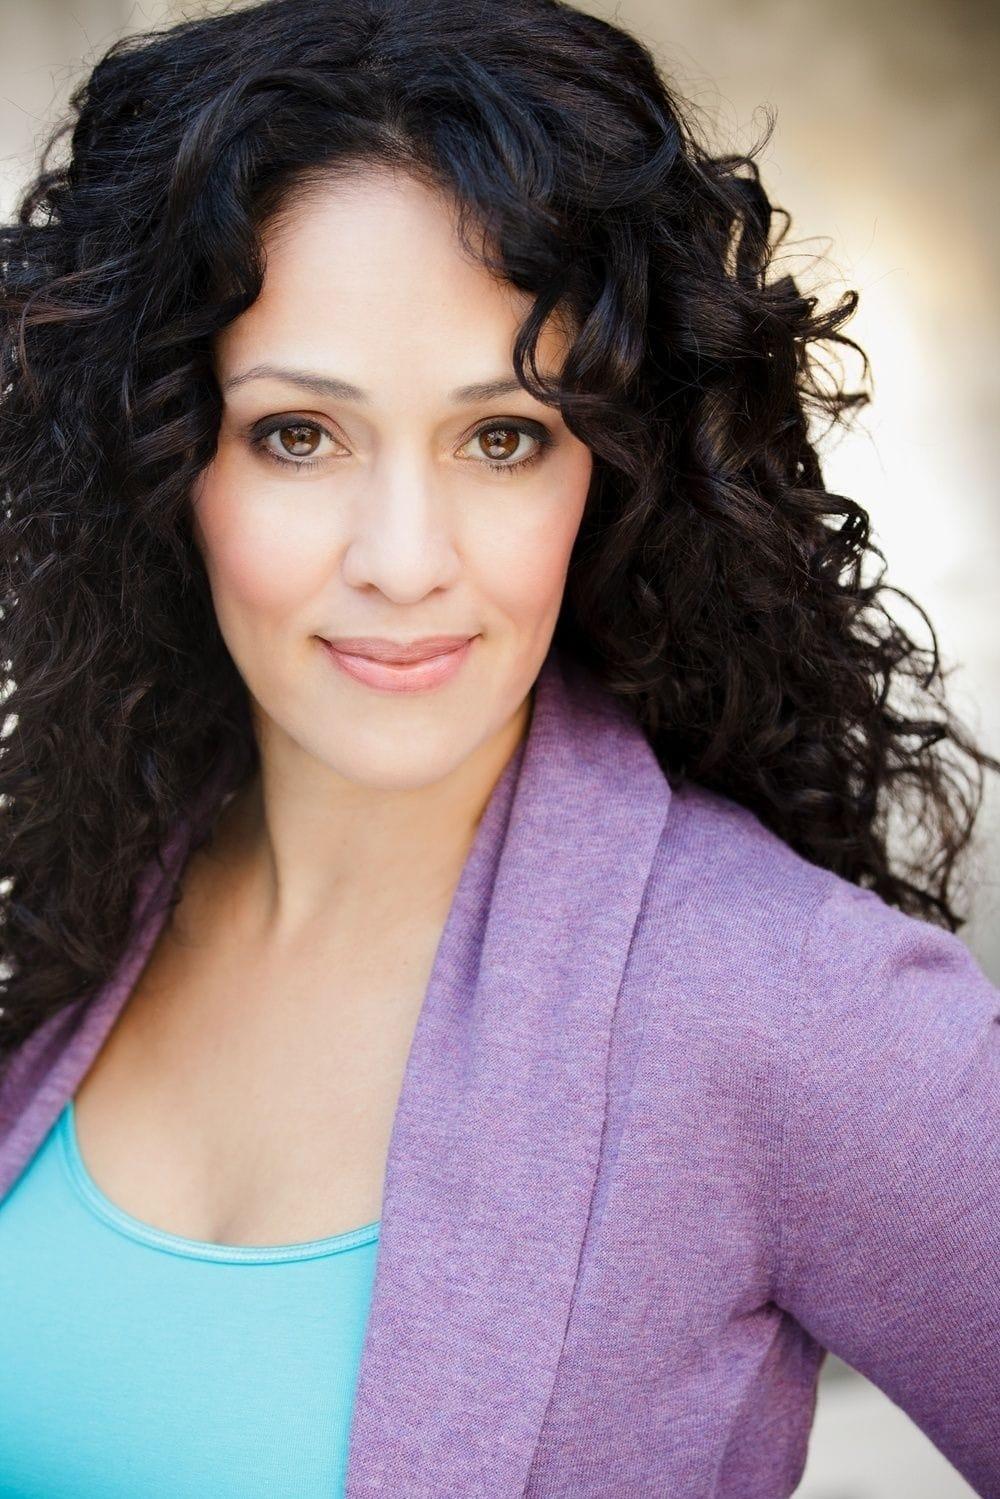 Susan Ortiz